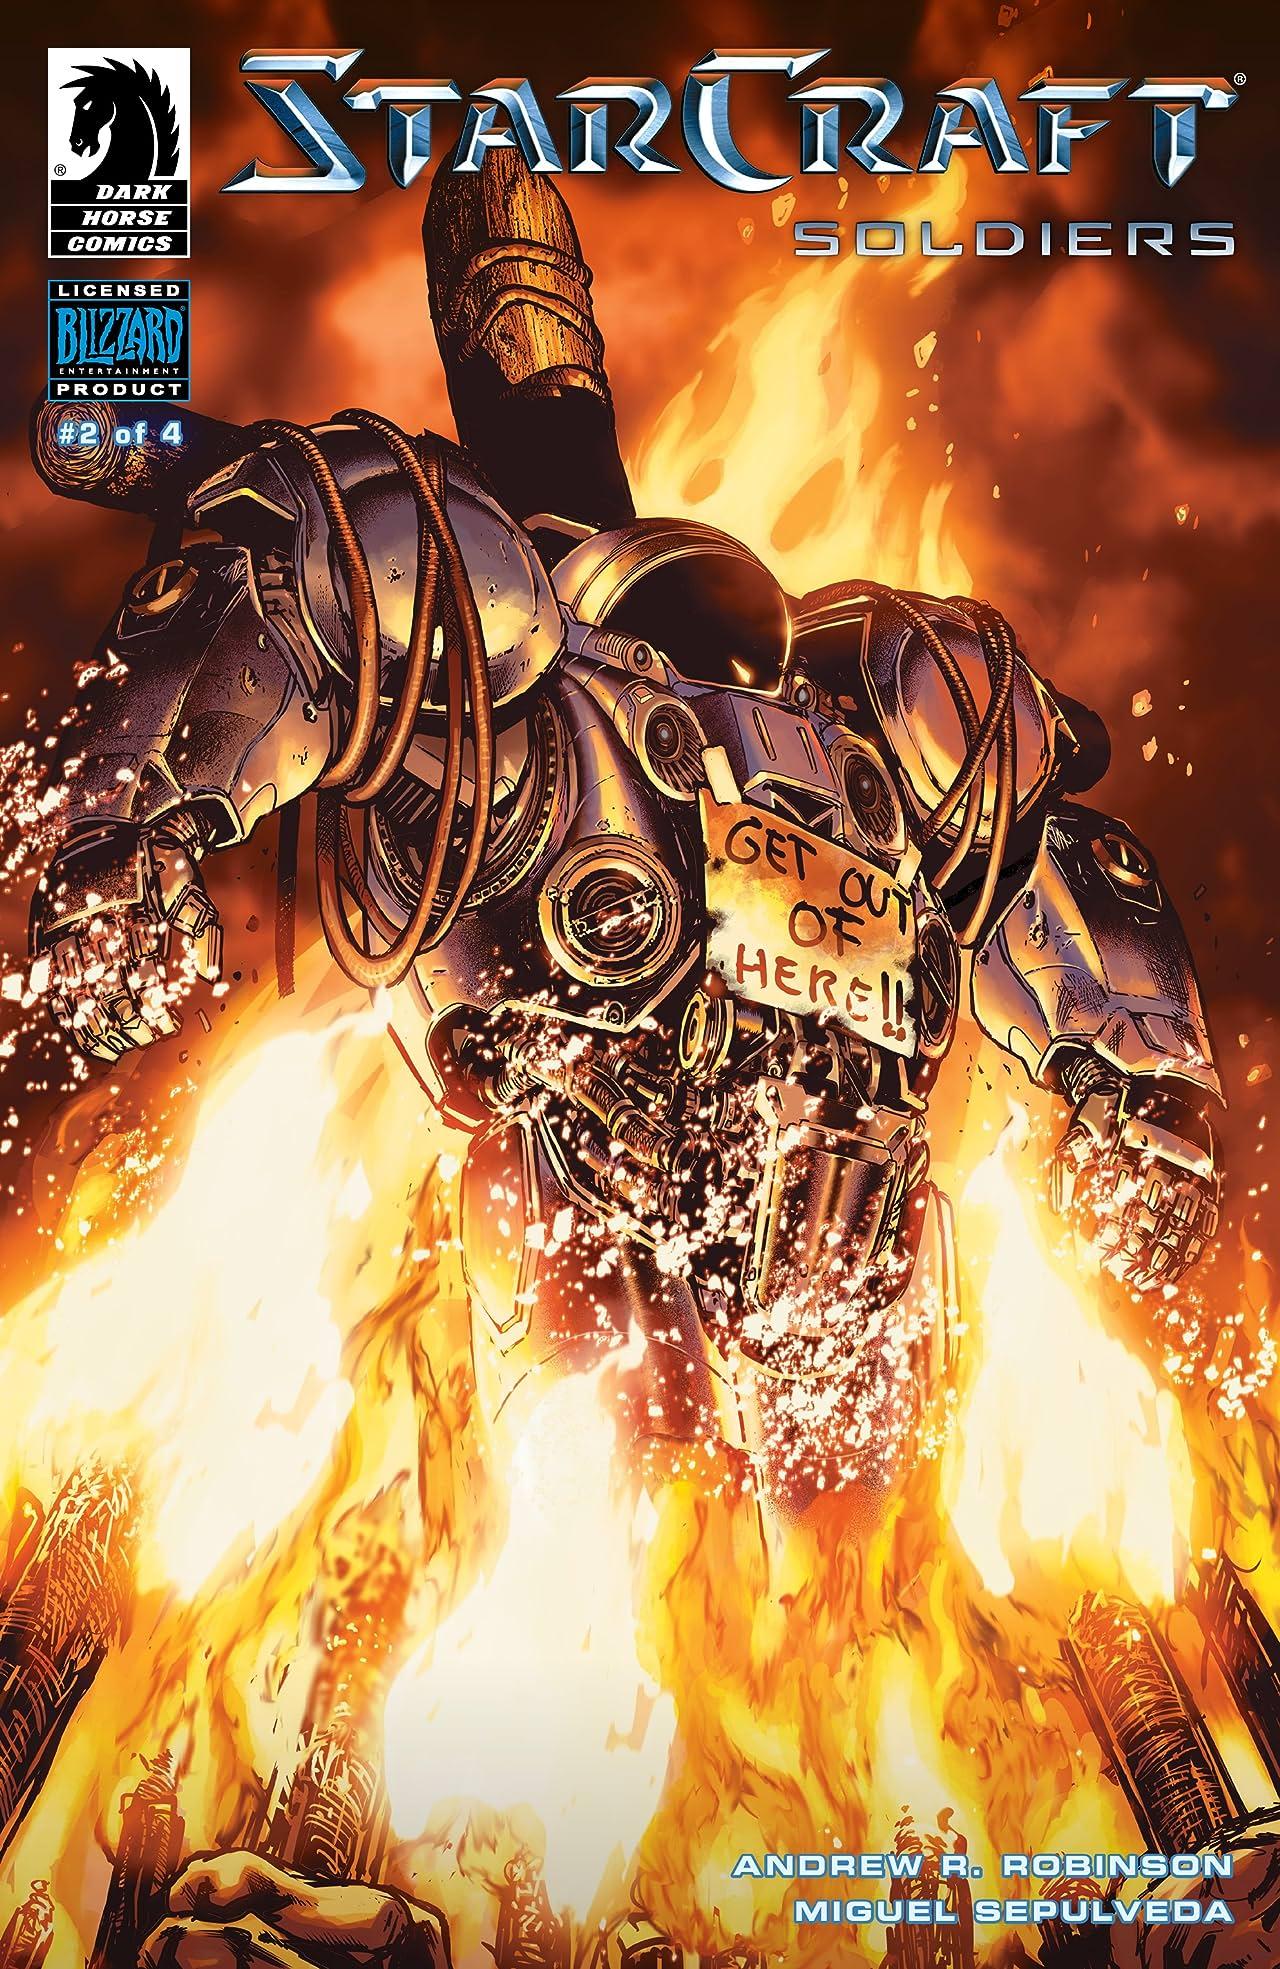 StarCraft: Soldiers #2